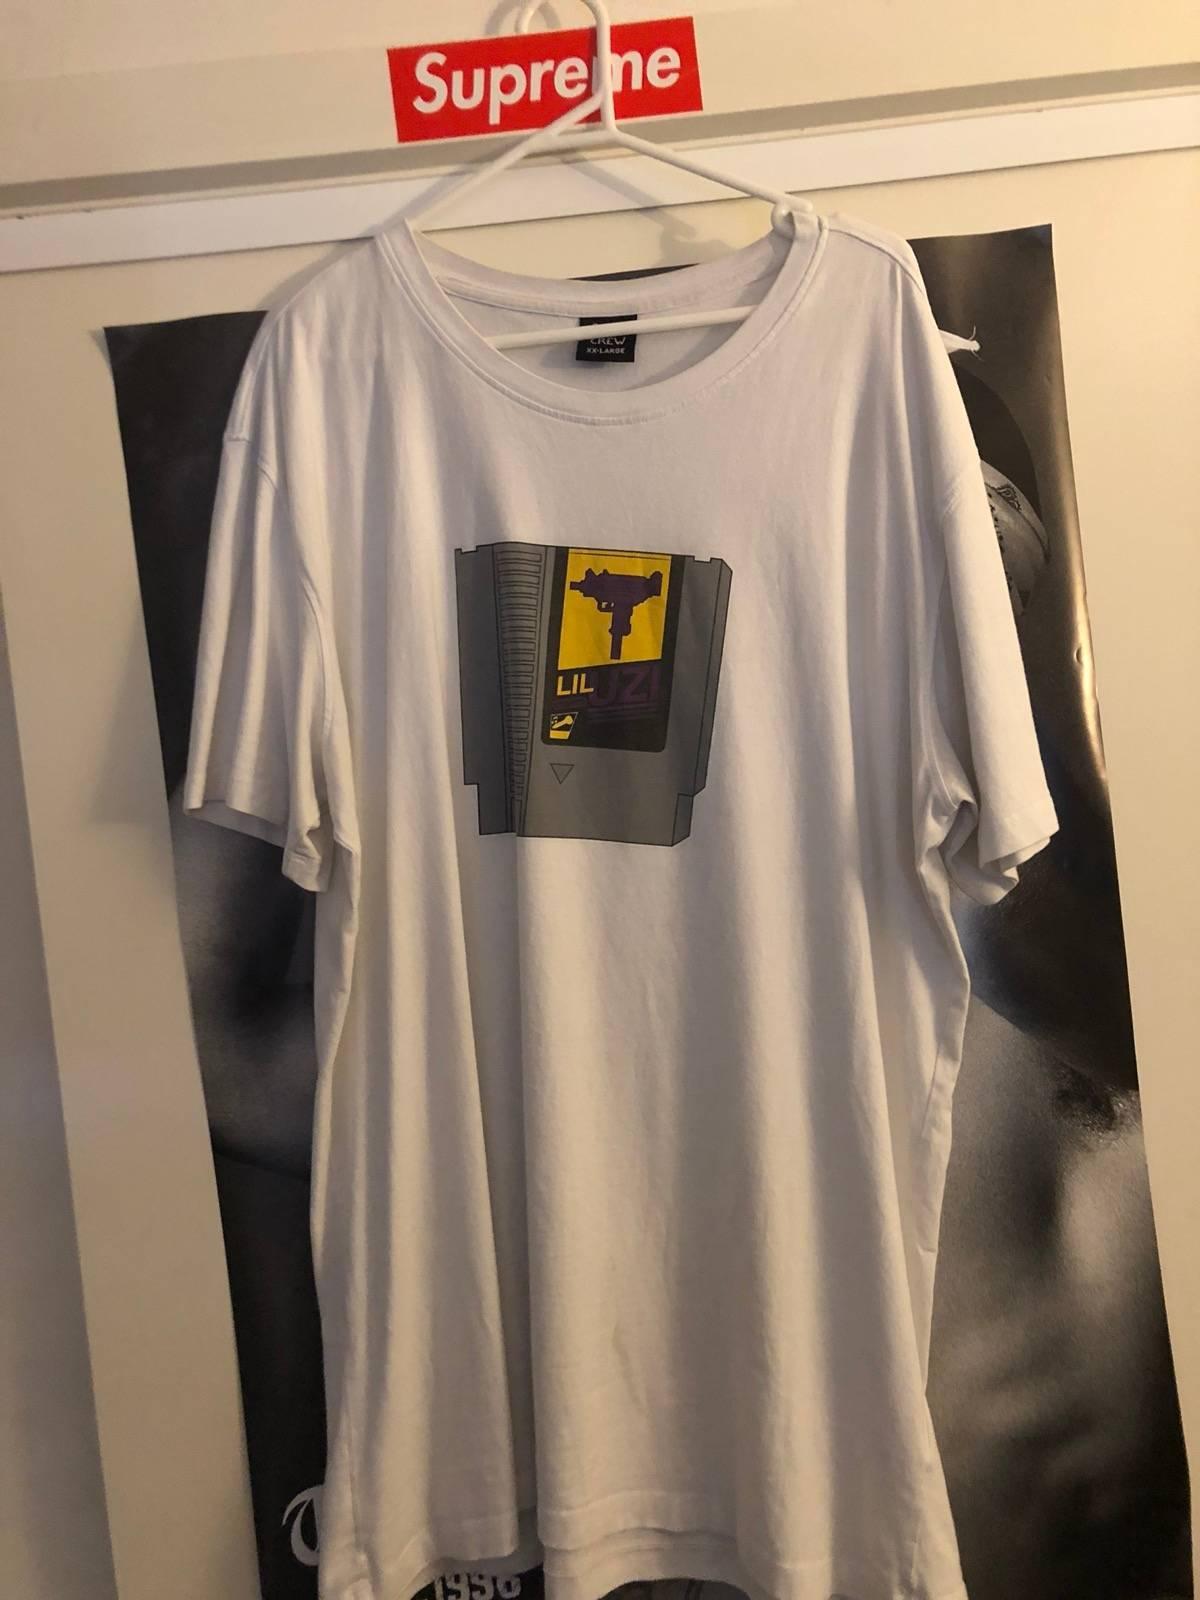 1861fe4e3795 G.o.a.t Crew G.o.a.t. Crew Lil Uzi Game Chip T-shirt | Grailed